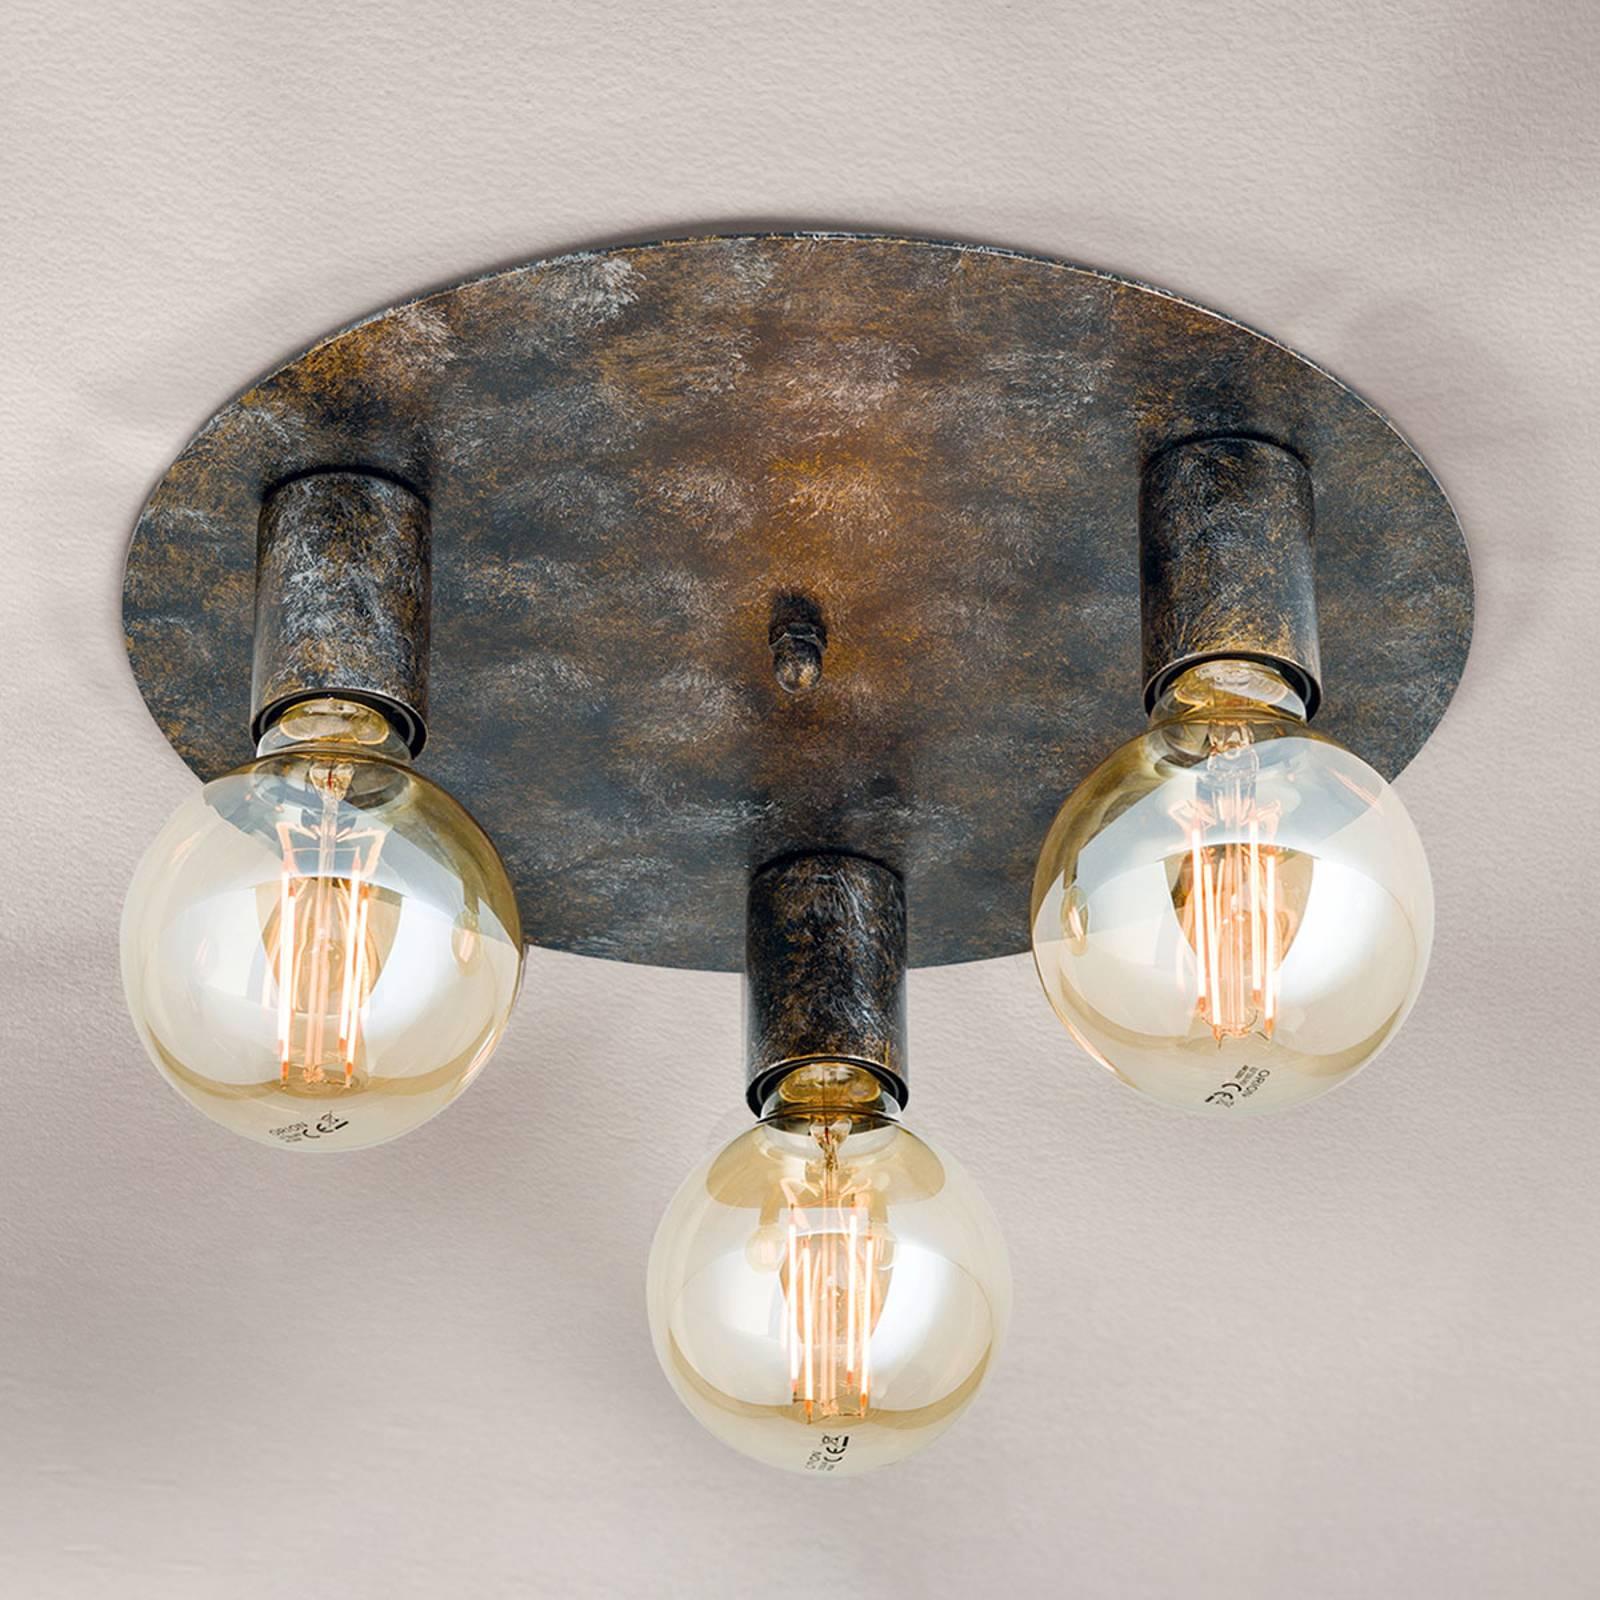 deckenlampen und andere lampen von orion online kaufen bei m bel garten. Black Bedroom Furniture Sets. Home Design Ideas